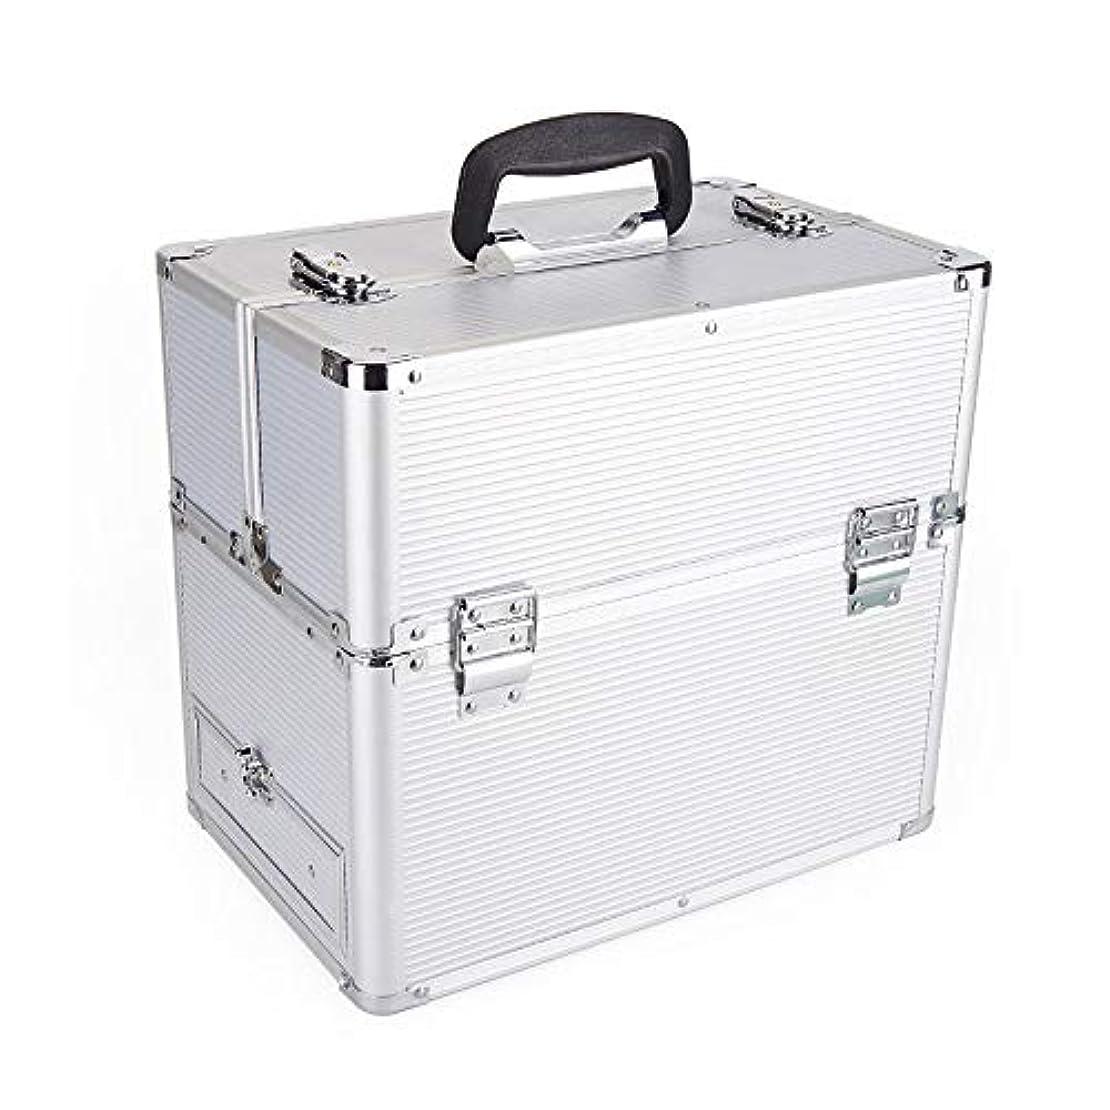 請願者ブレーク車化粧オーガナイザーバッグ 2つの層アルミニウム化粧箱オーガナイザーバニティロック可能な美容メイクアップネイルジュエリーポータブルケース収納ボックス 化粧品ケース